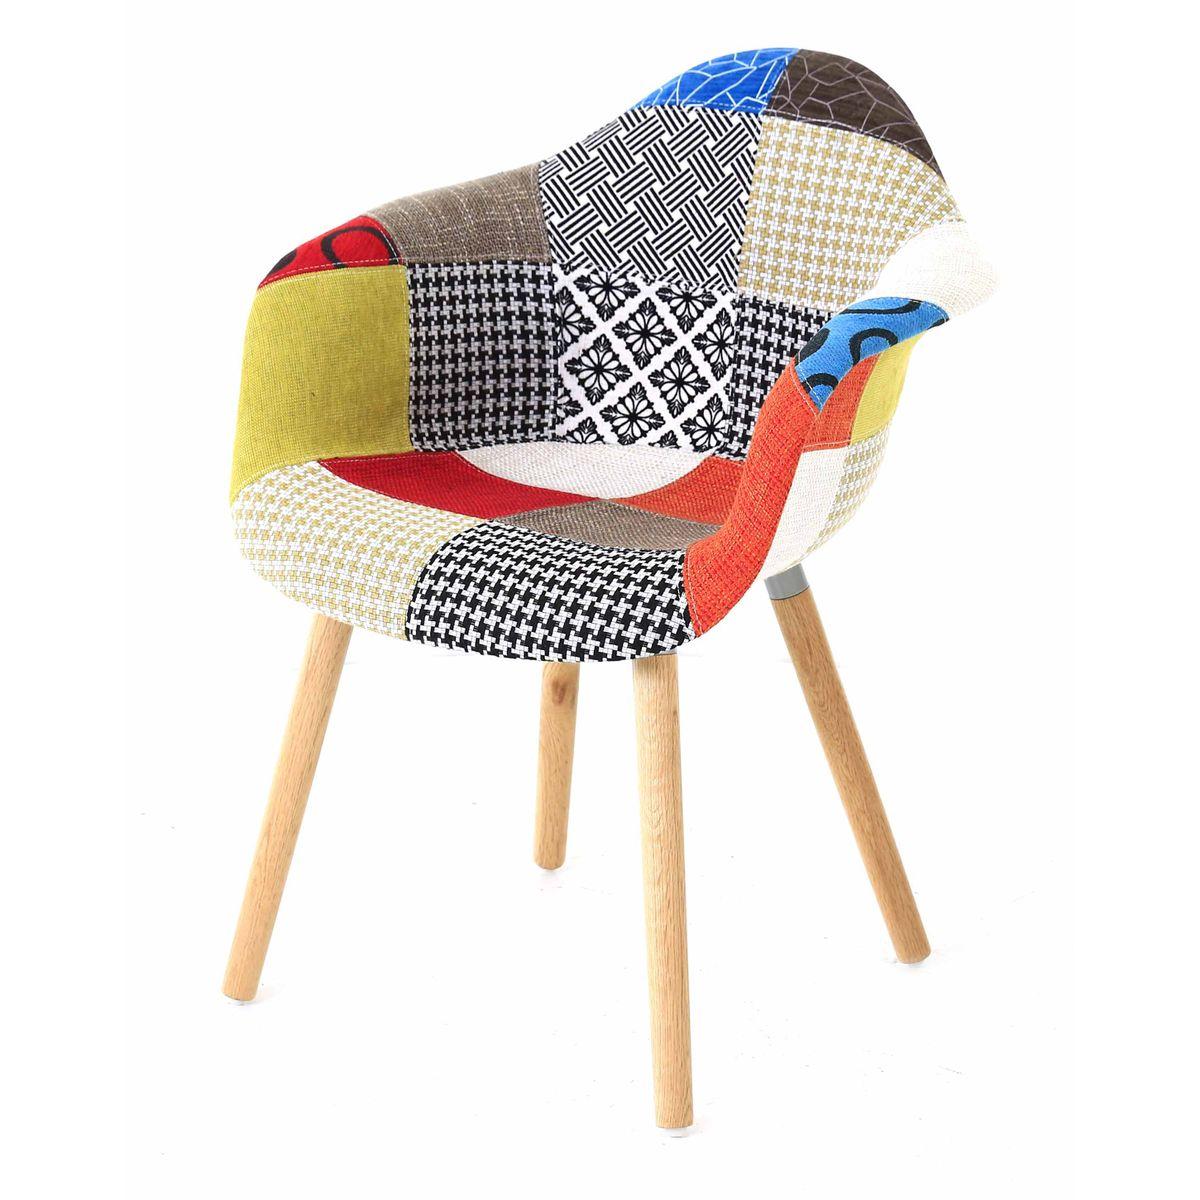 X Fauteuil Style Scandinave Tissu Multicolore Trépied Bois Zago Store - Fauteuil multicolore design